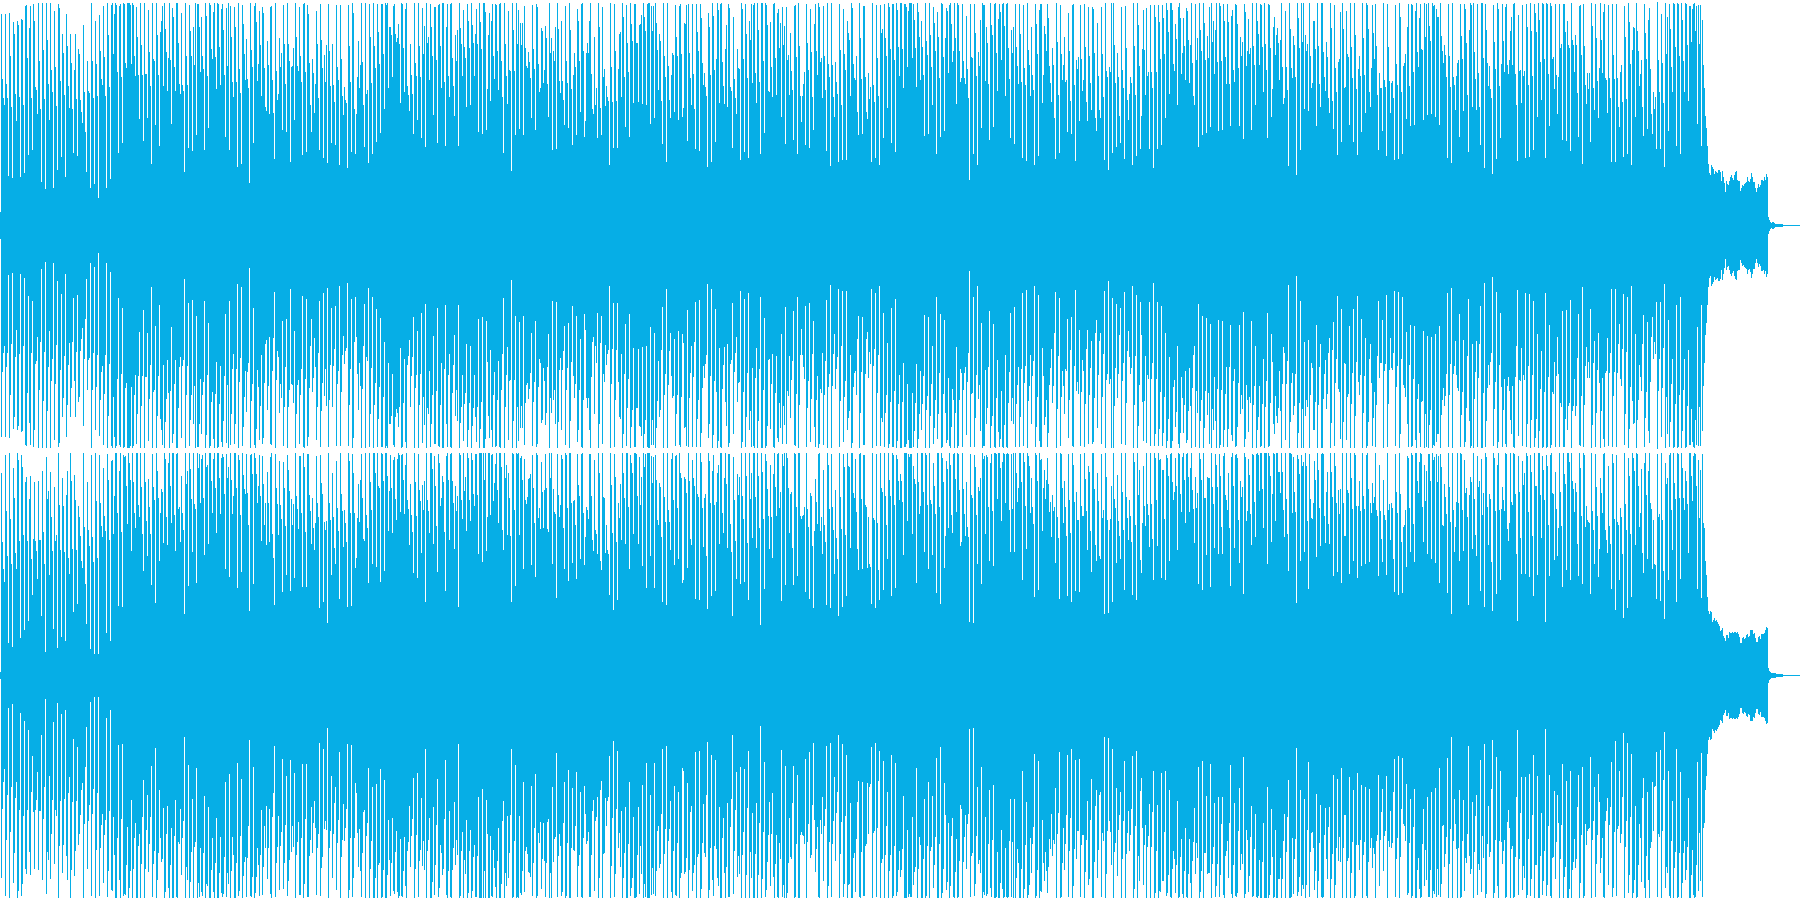 心温まる感動的なアコースティックポップの再生済みの波形